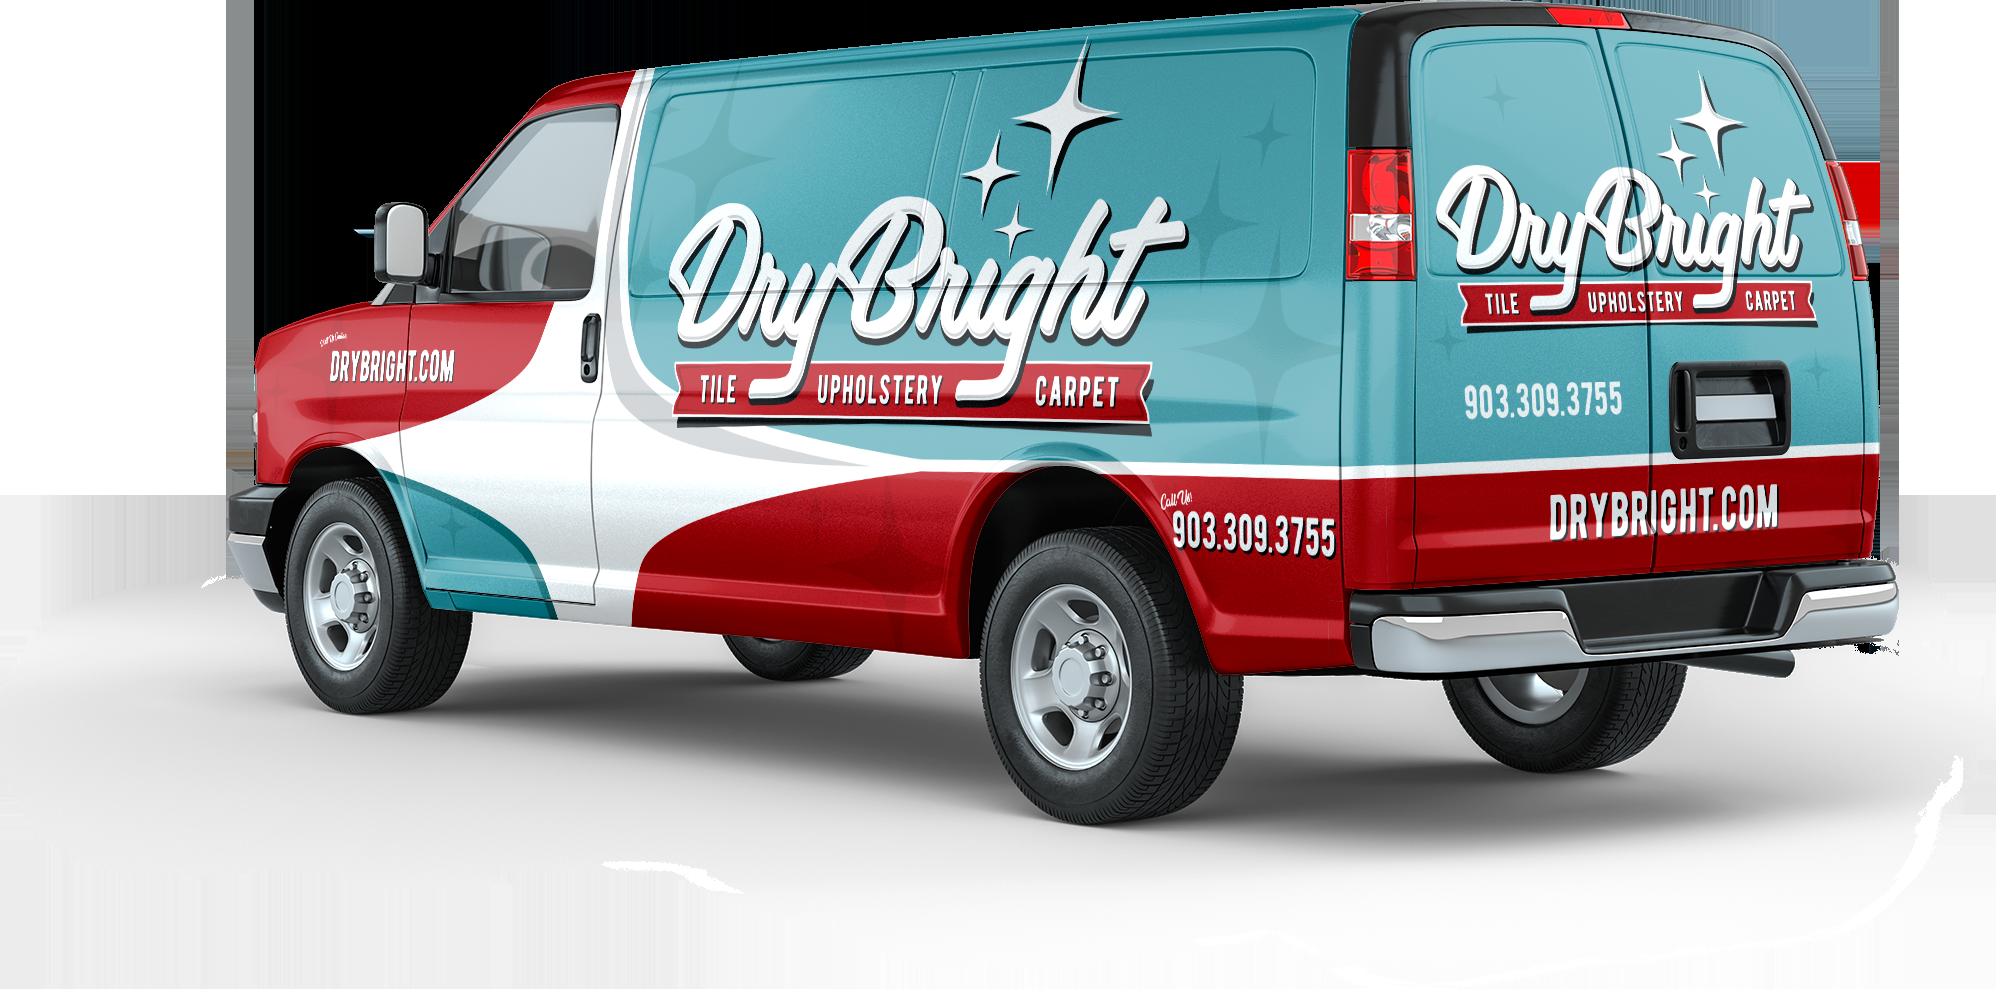 DryBright-BrandFlare Creative - Van Wraps - Truck Wraps